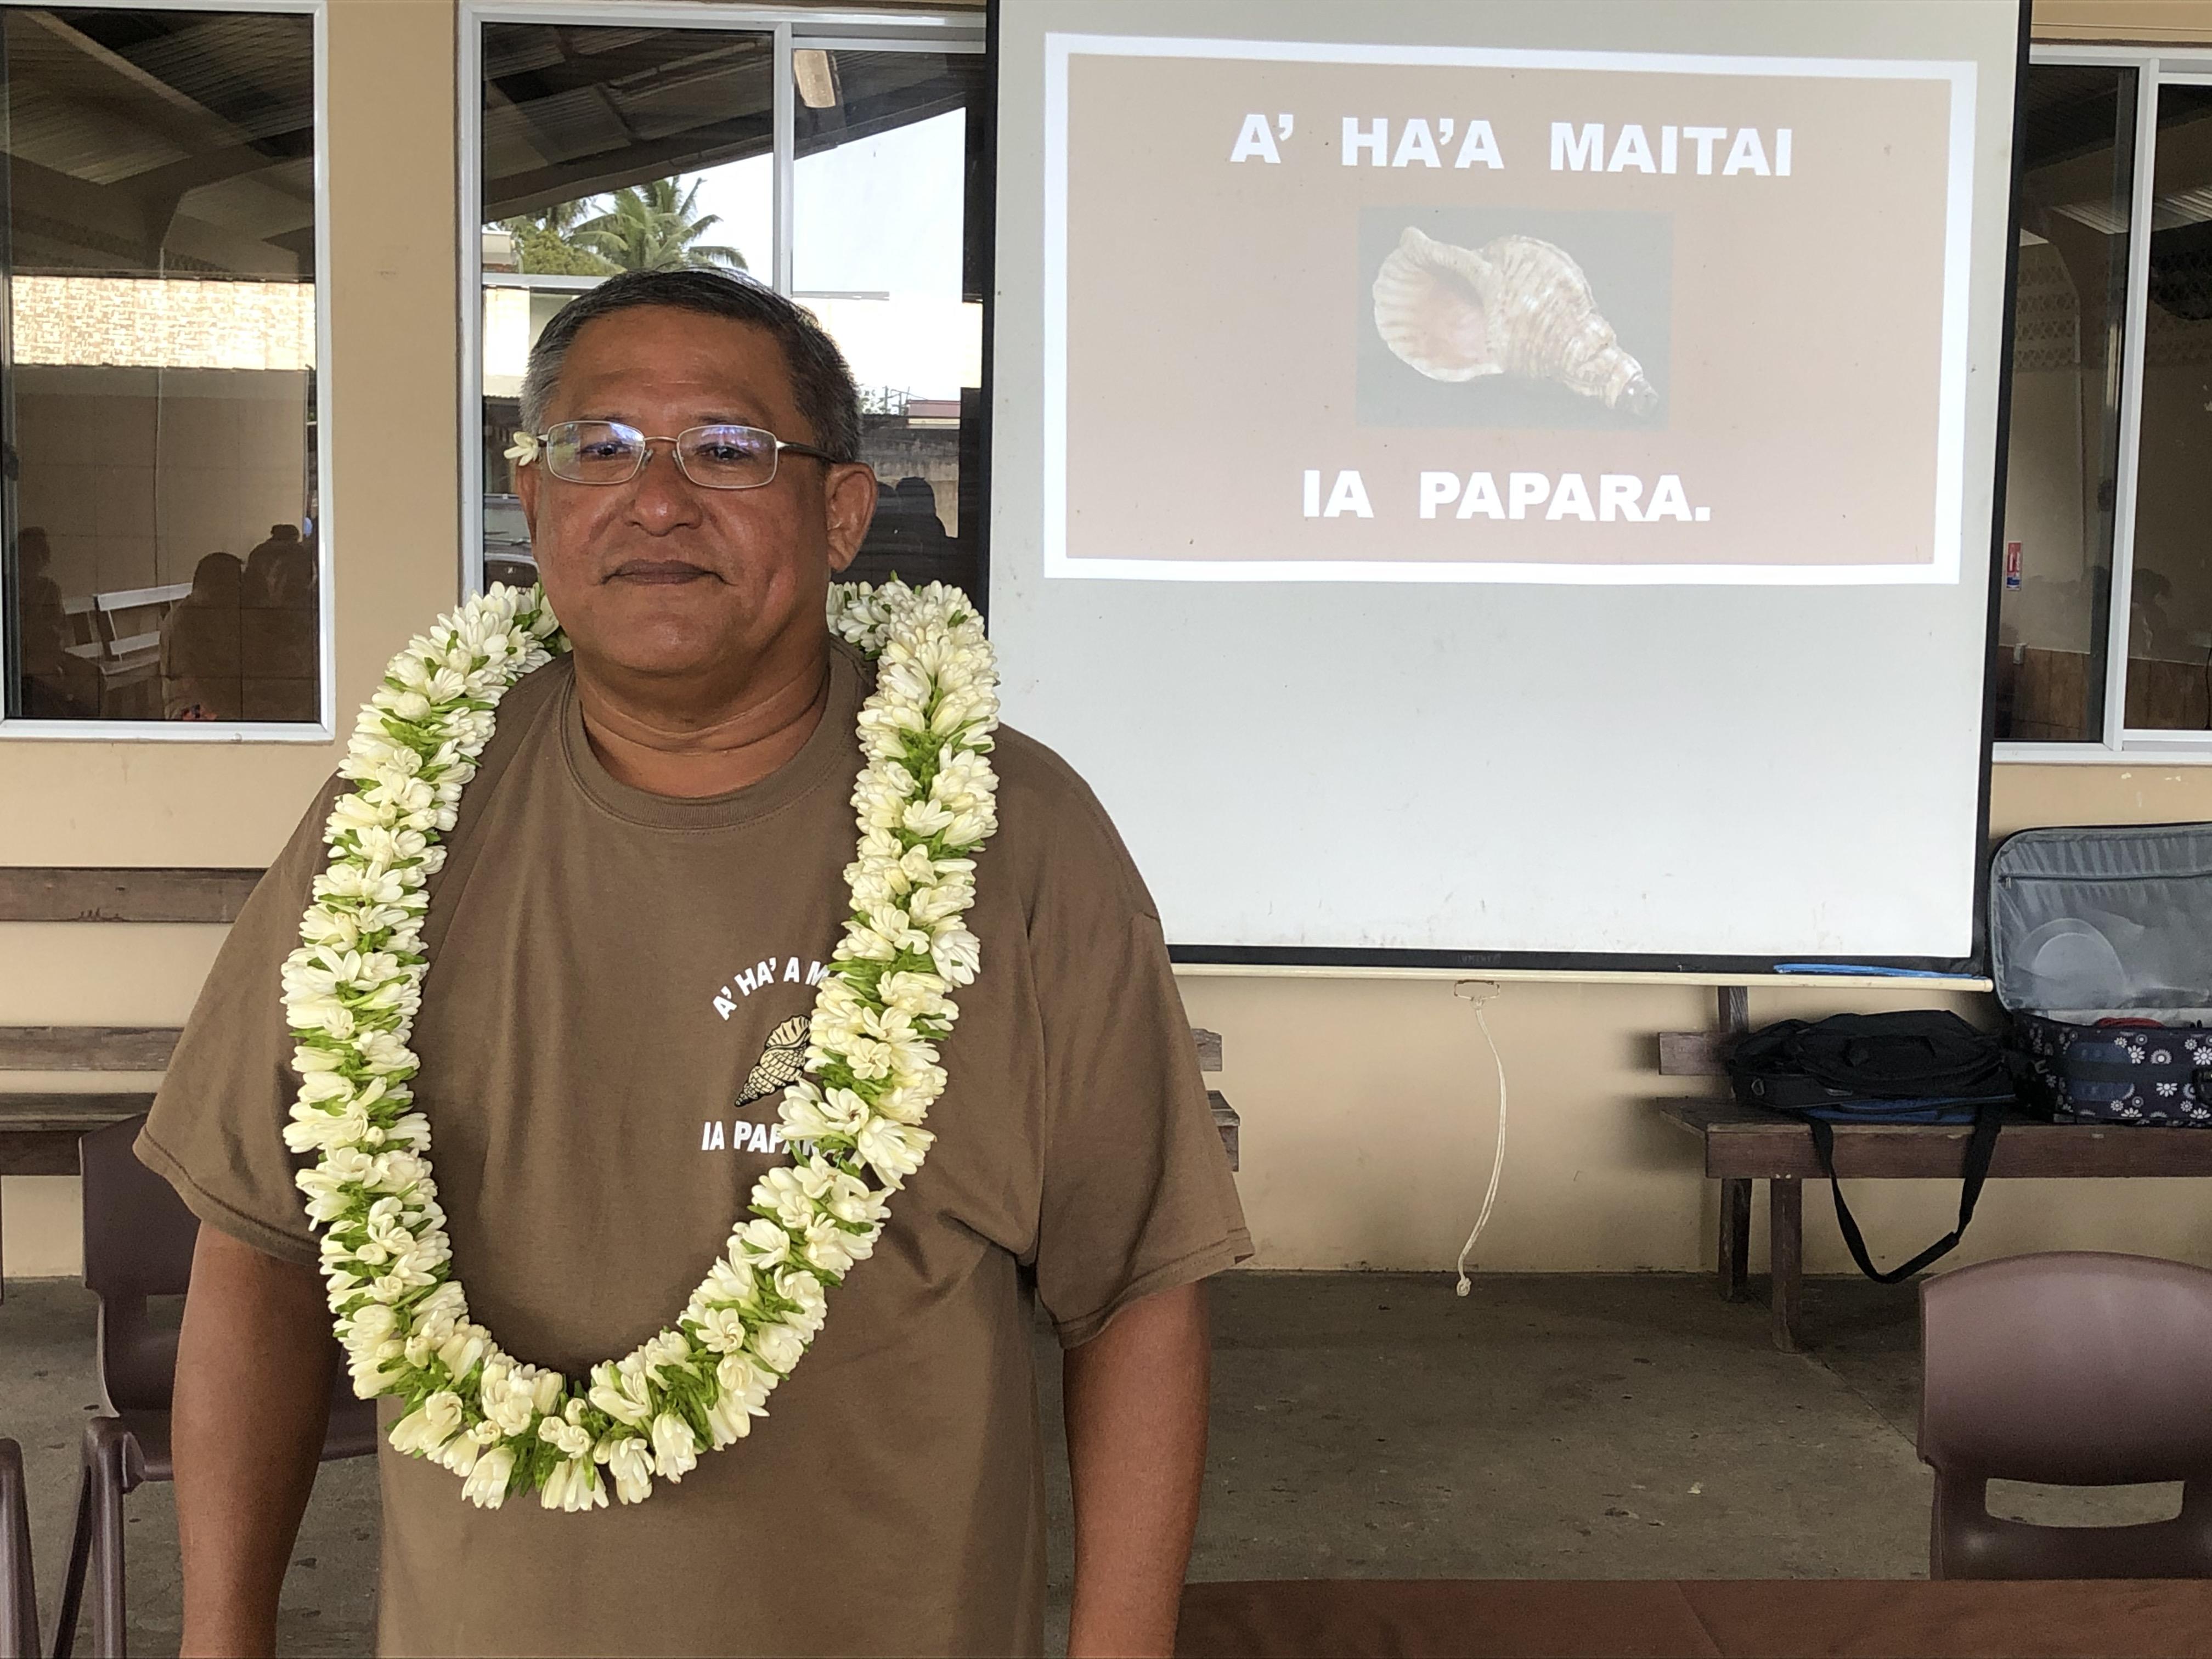 """""""Mon équipe et moi sommes prêts à gérer la commune de Papara où il y a eu trop d'injustice au cours des dernières années"""", a affirmé Paul Lai leader de la liste A ha'amata'i ia Papara."""